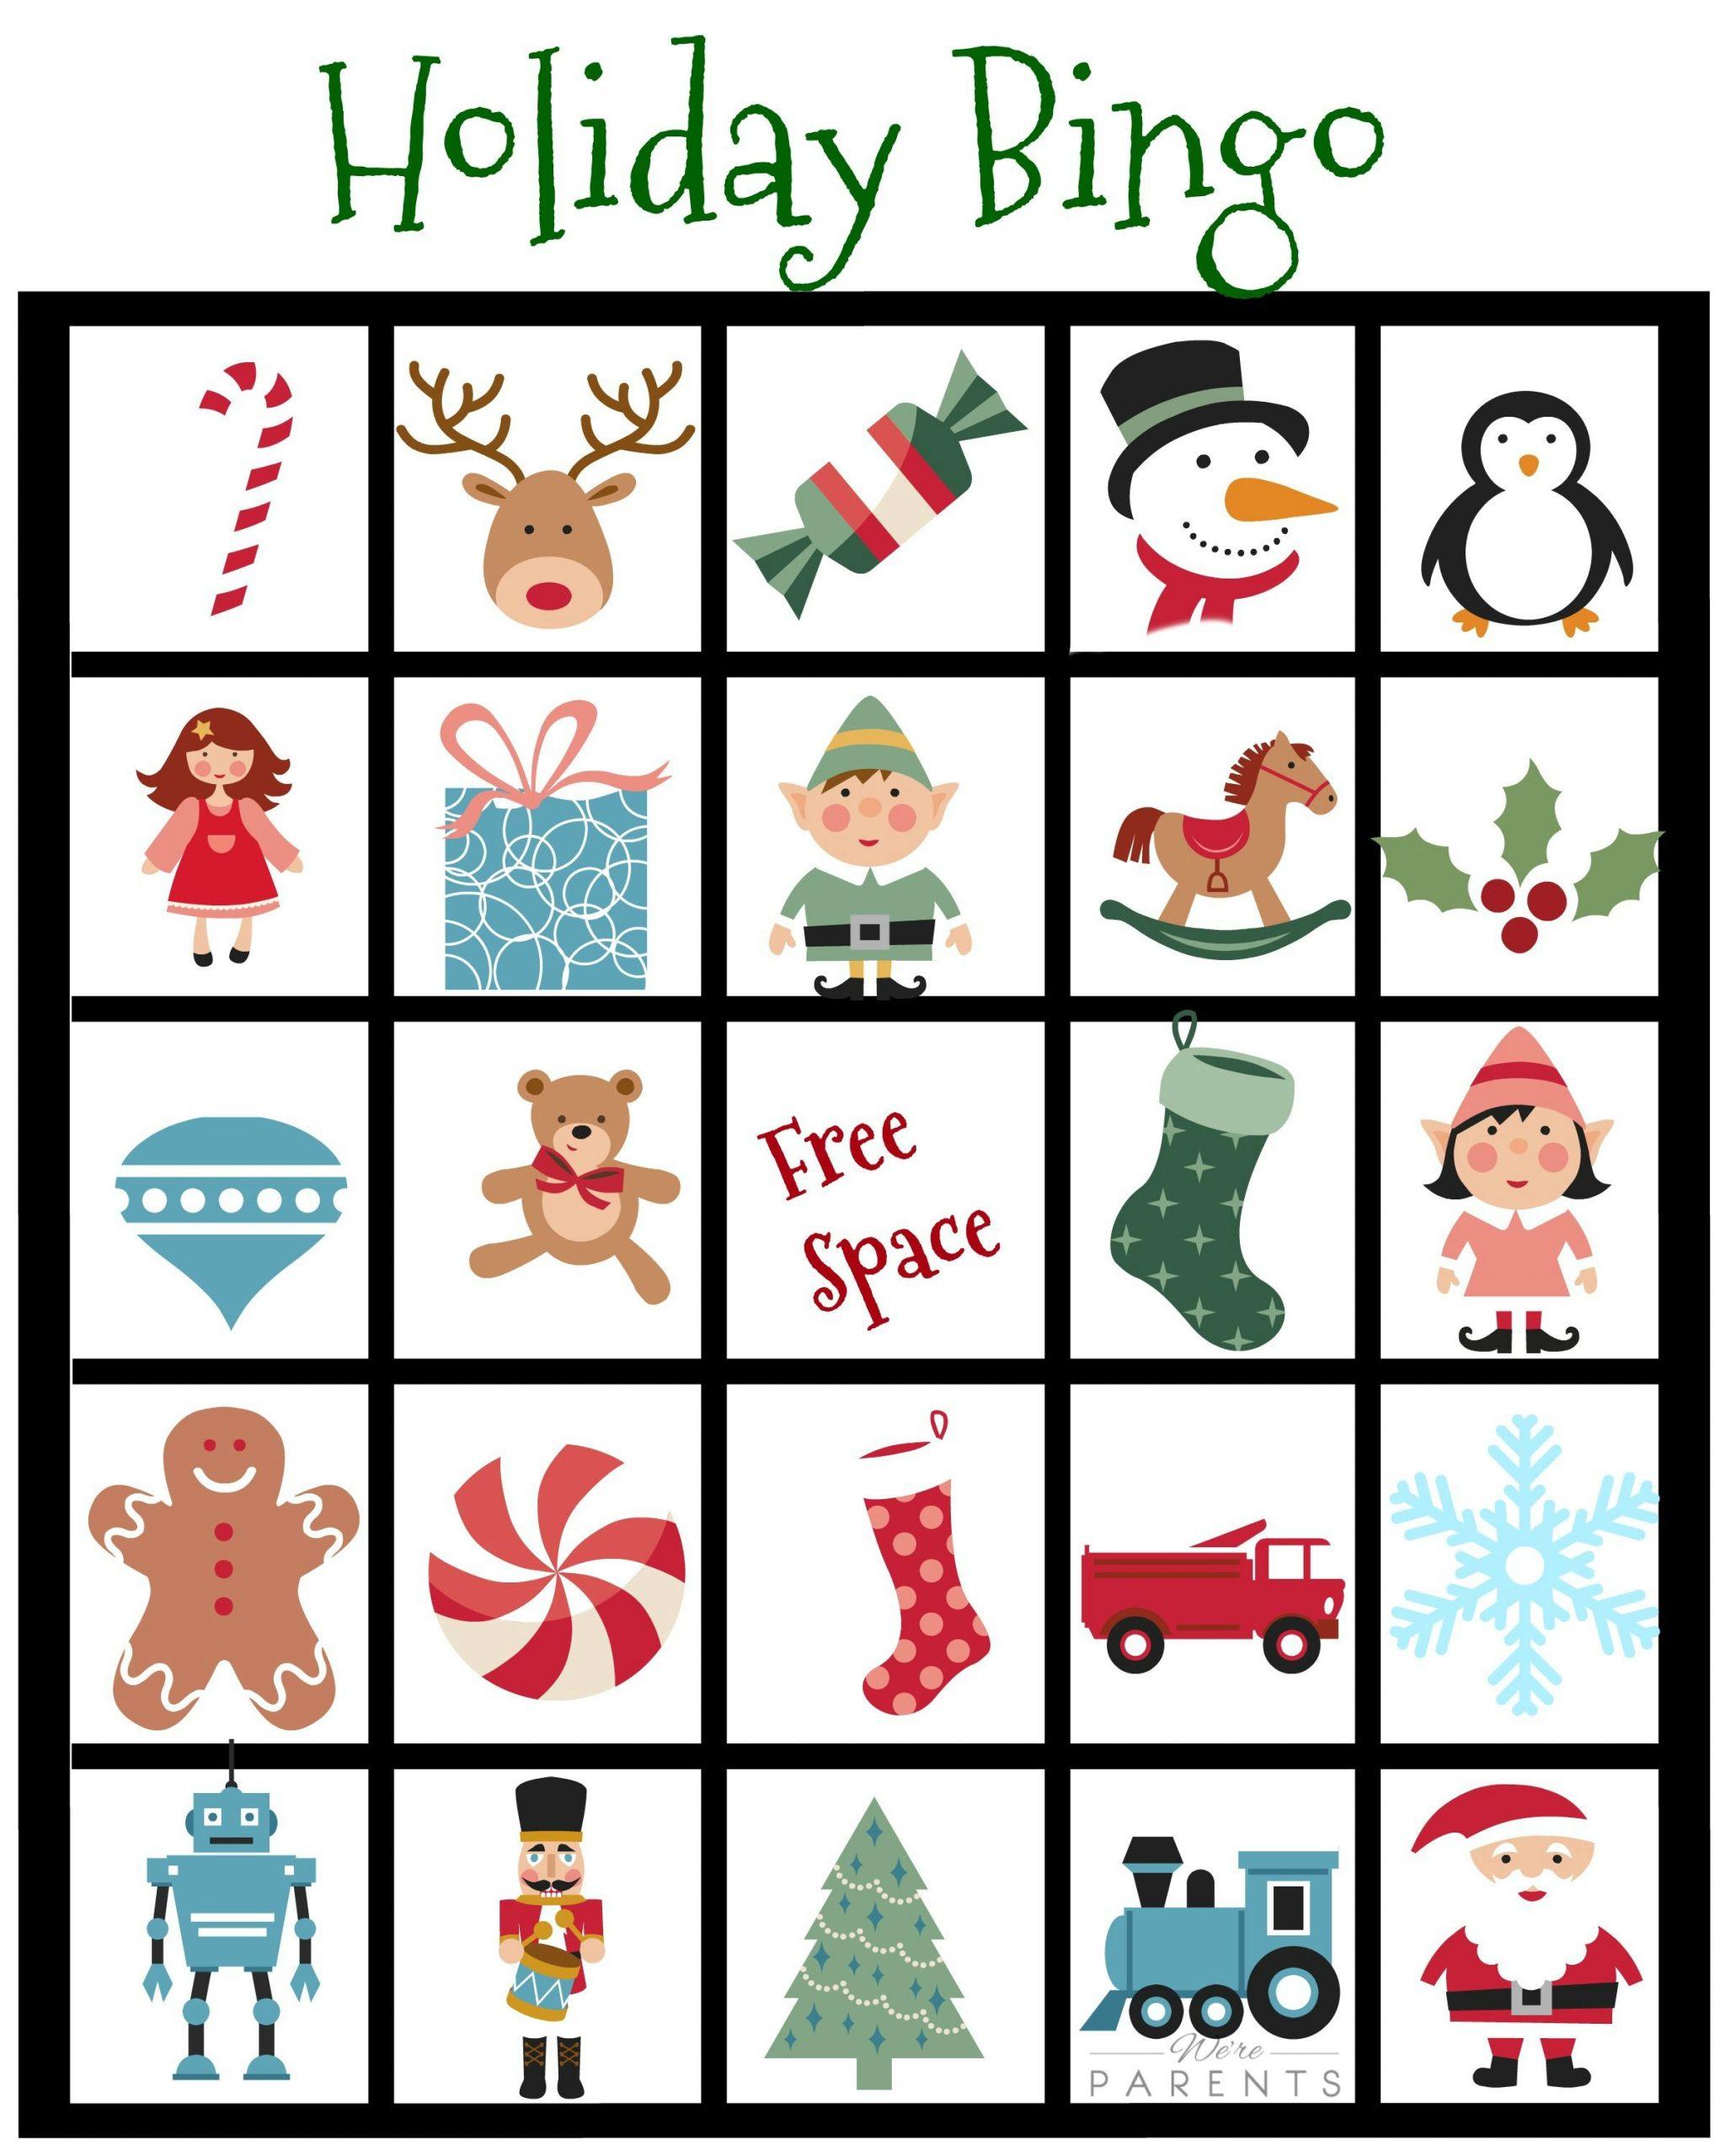 Holiday Bingo Card Printable For Kids | Christmas Bingo